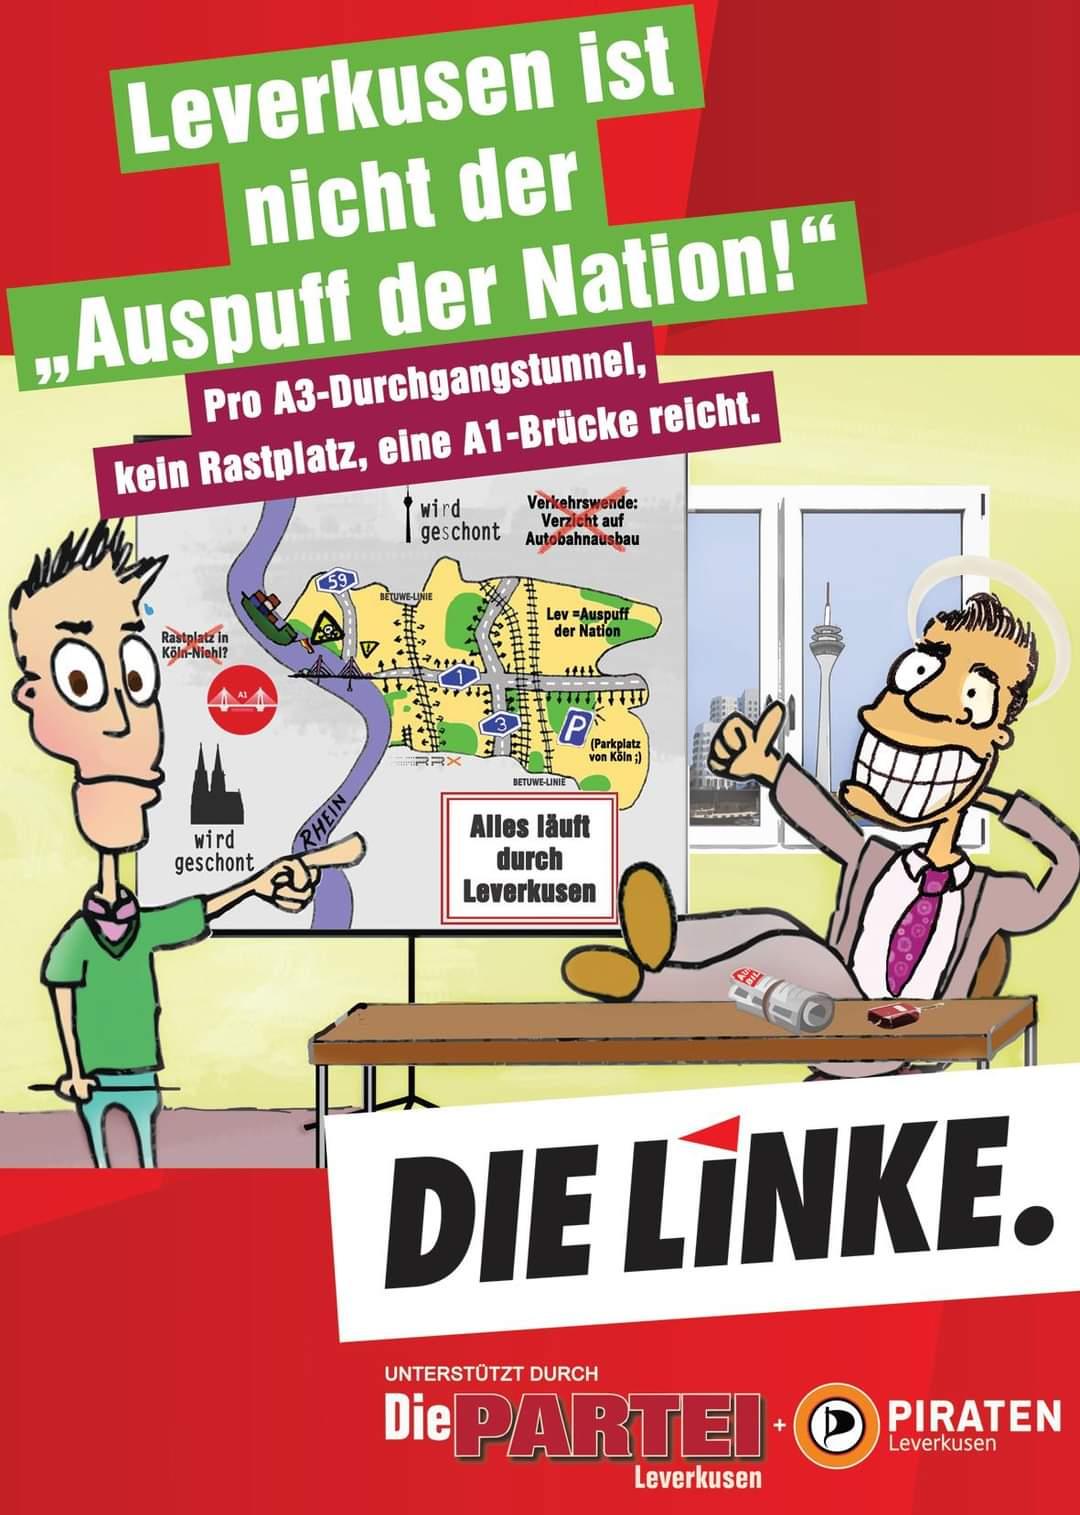 Leverkusen ist nicht der Auspuff der Nation